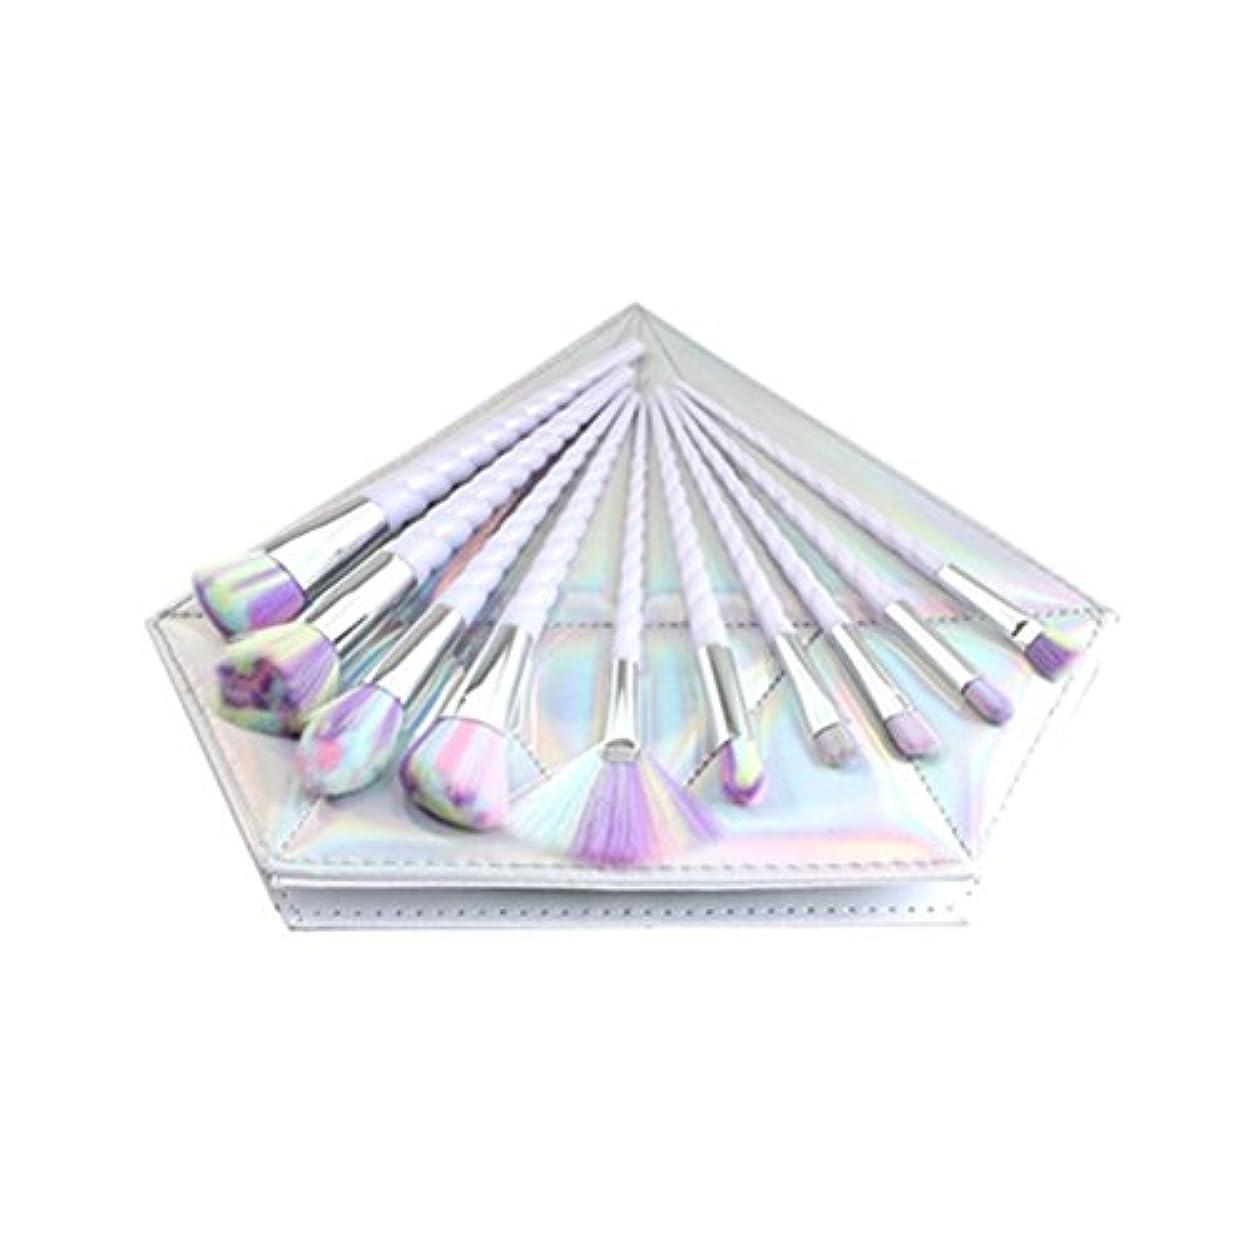 アラーム速いプラットフォームDilla Beauty 10本セットユニコーンデザインプラスチックハンドル形状メイクブラシセット合成毛ファンデーションブラシアイシャドーブラッシャー美容ツール美しい化粧品のバッグを送る (白いハンドル - 多色の毛)